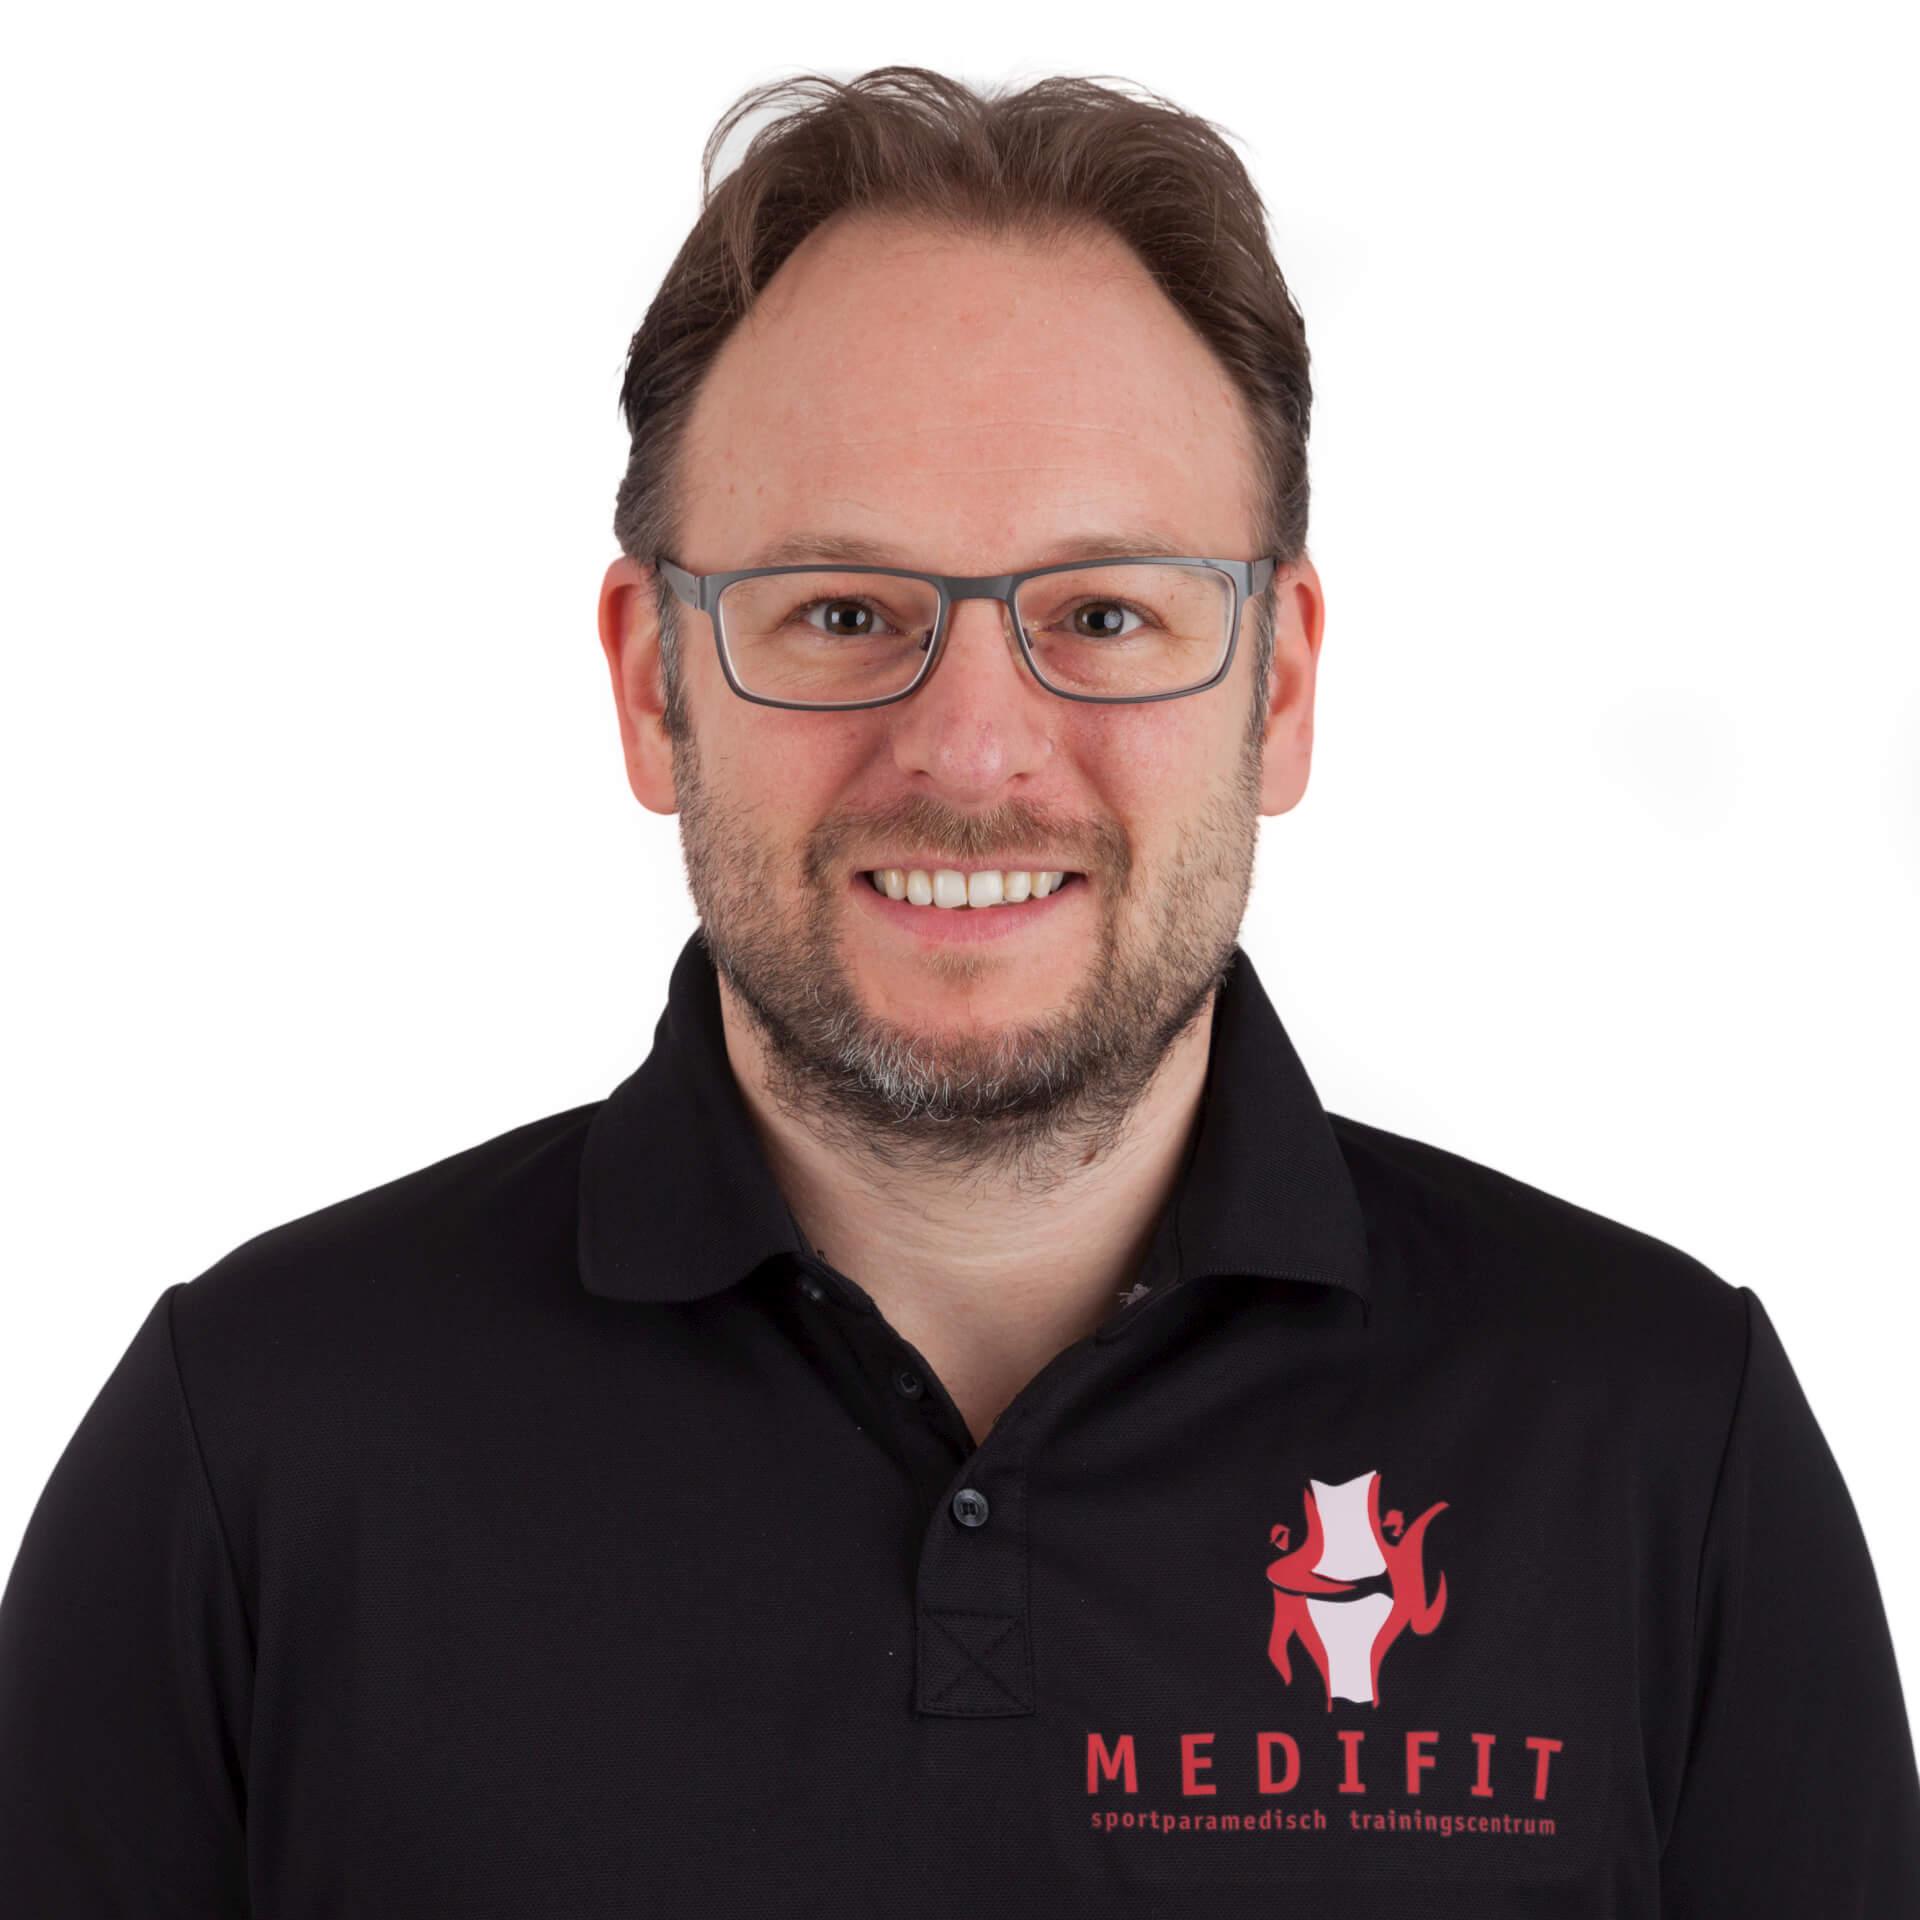 Wessel Kampen